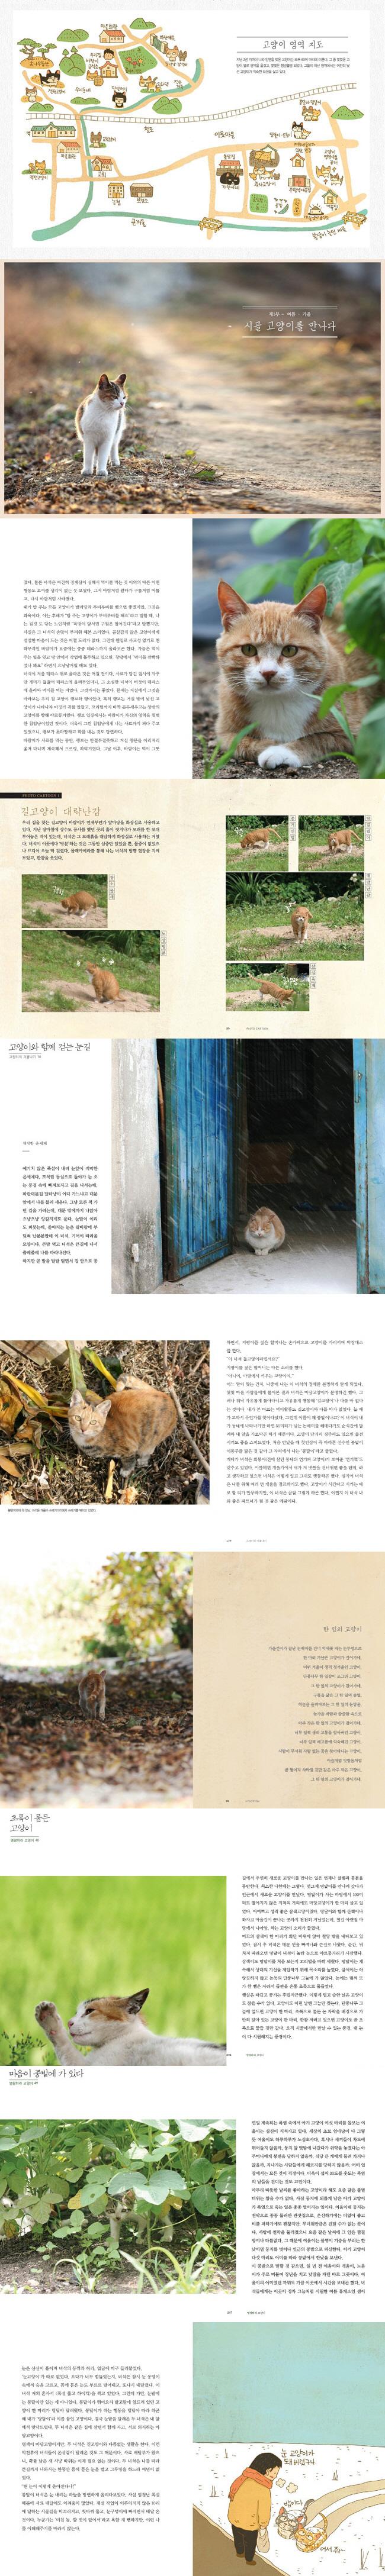 명랑하라 고양이 도서 상세이미지